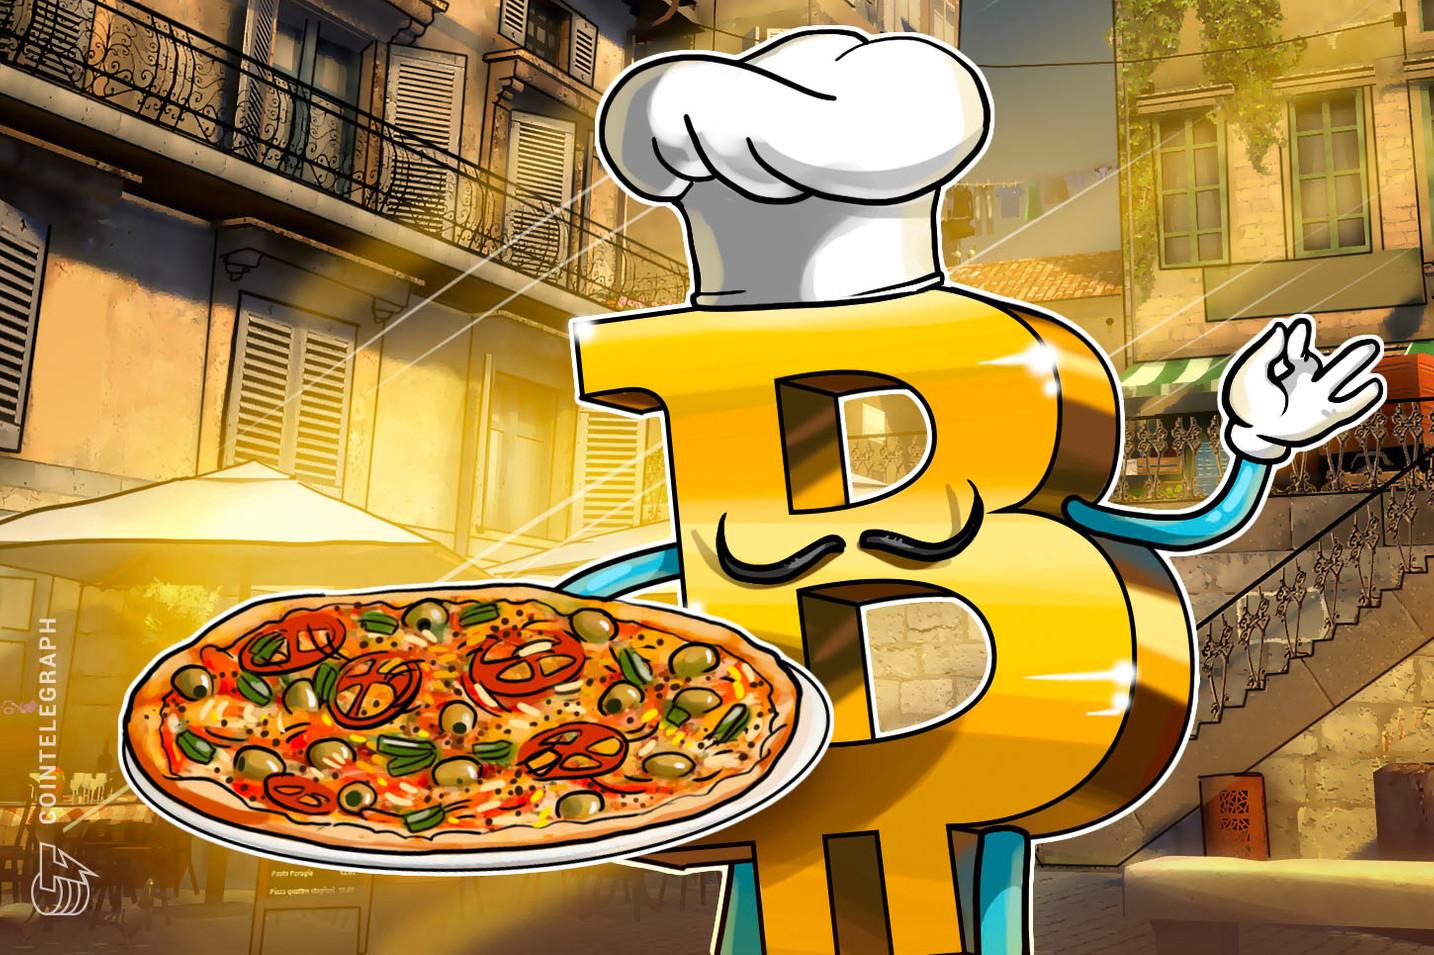 Día de Pizza Bitcoin: 8 años después - ¿Dónde se puede comprar pizza con Bitcoin?